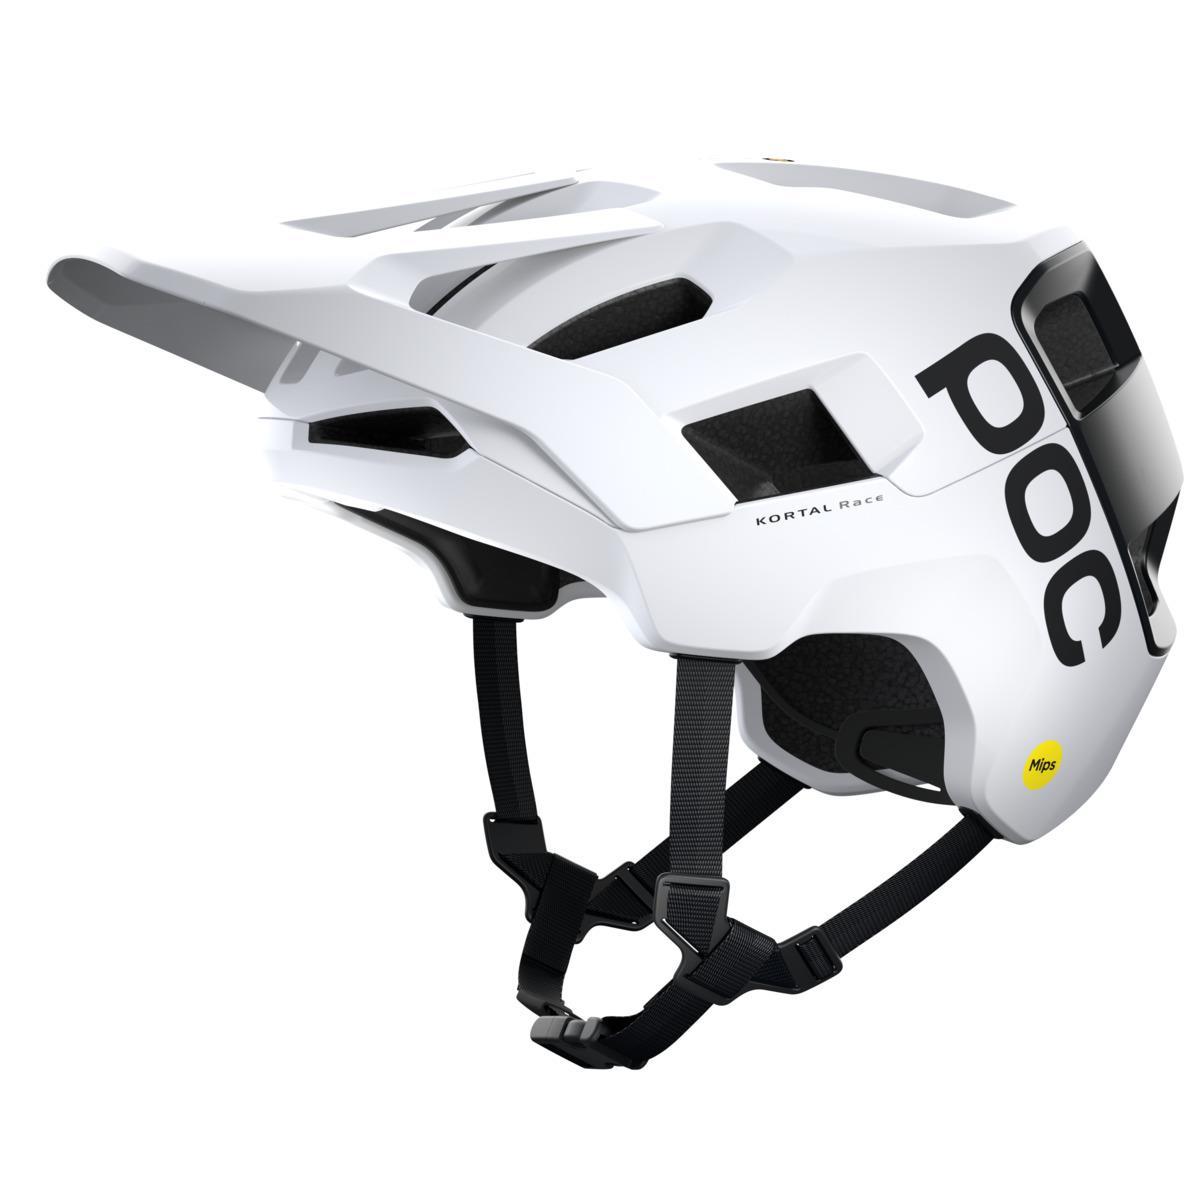 Helmet Kortal Race MIPS Hydrogen White size XS-S (51-54)